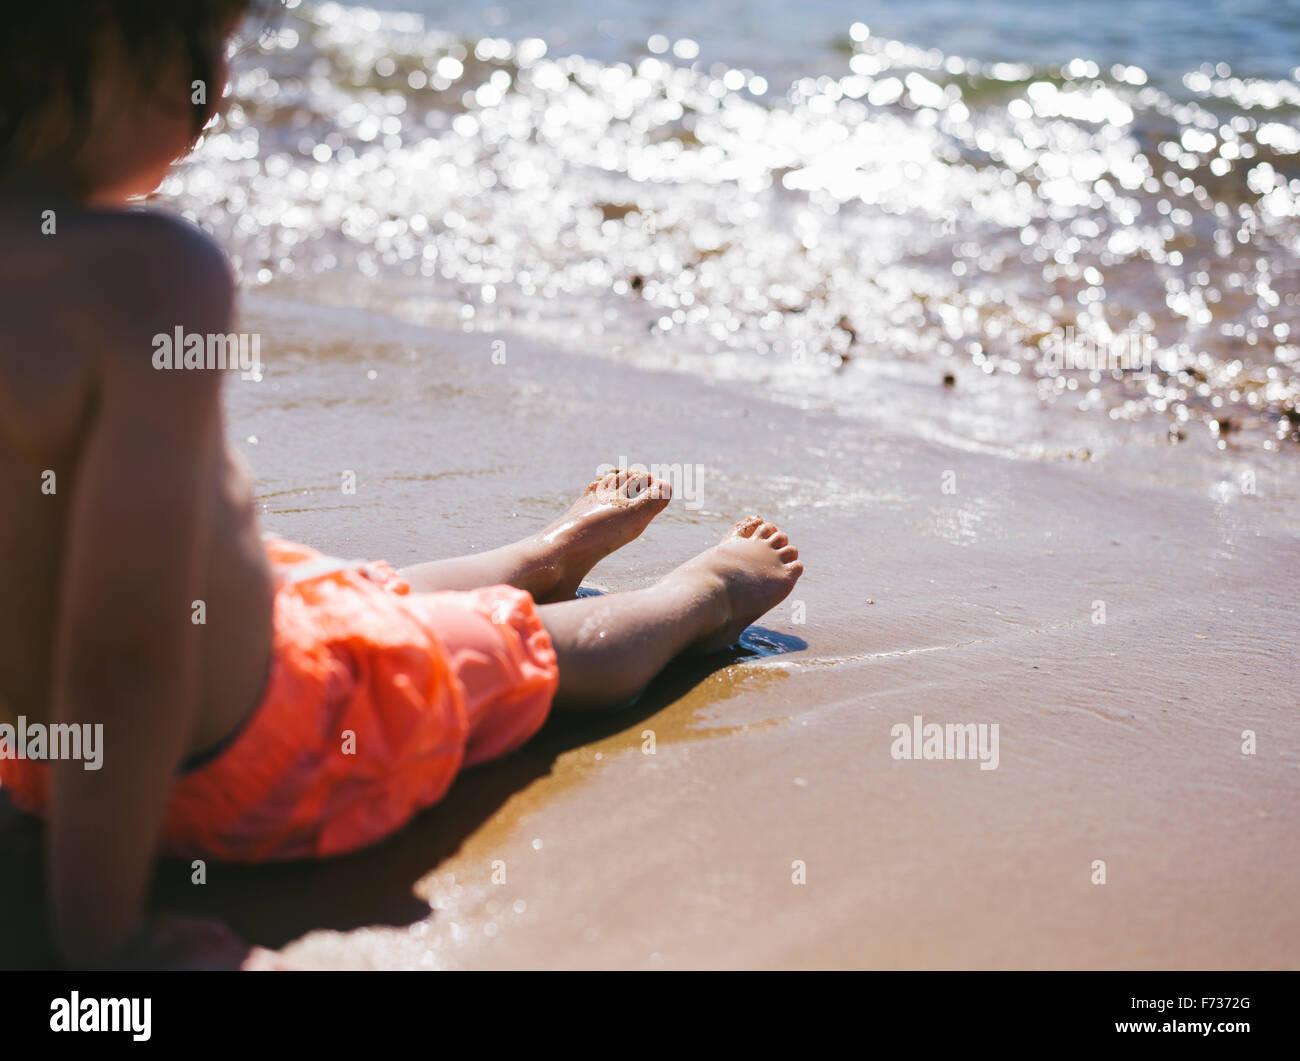 Ein Junge sitzt auf dem Sand an der Wasserkante beobachten die Wellen den Strand zu erreichen. Stockbild